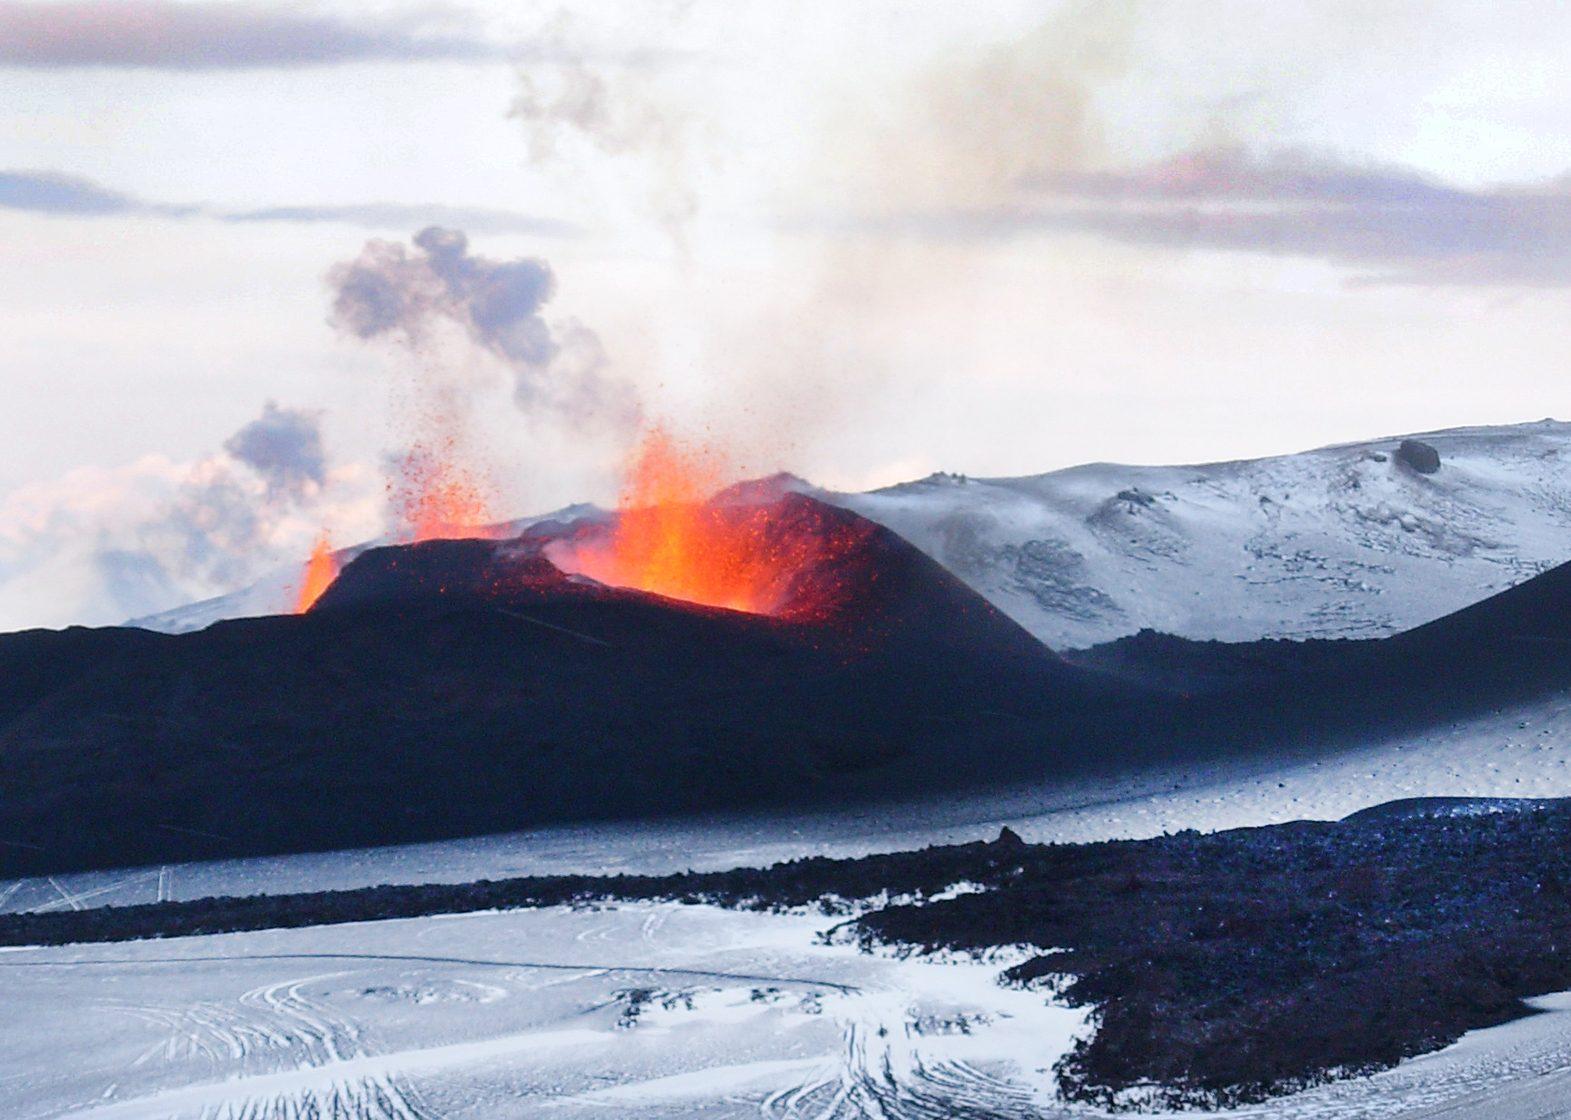 Feuerspeiender Vulkan auf Island im Winter